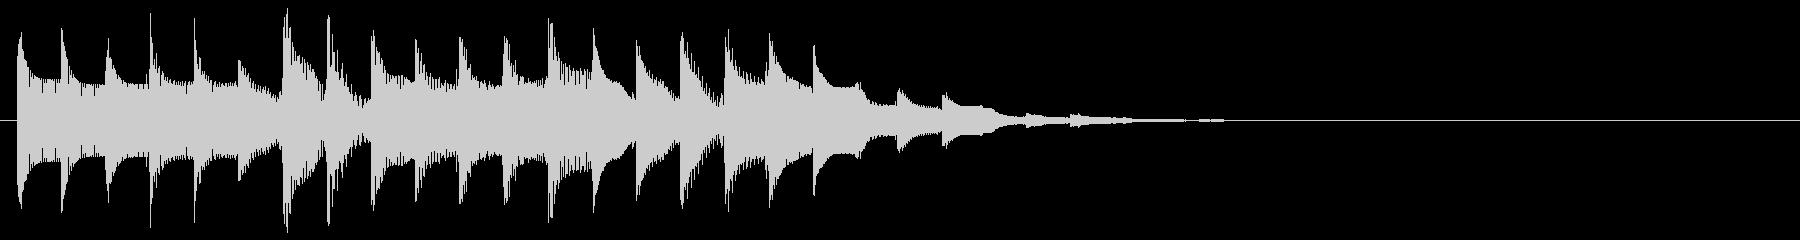 ズクジャンジャン… 低(トピック、題目)の未再生の波形